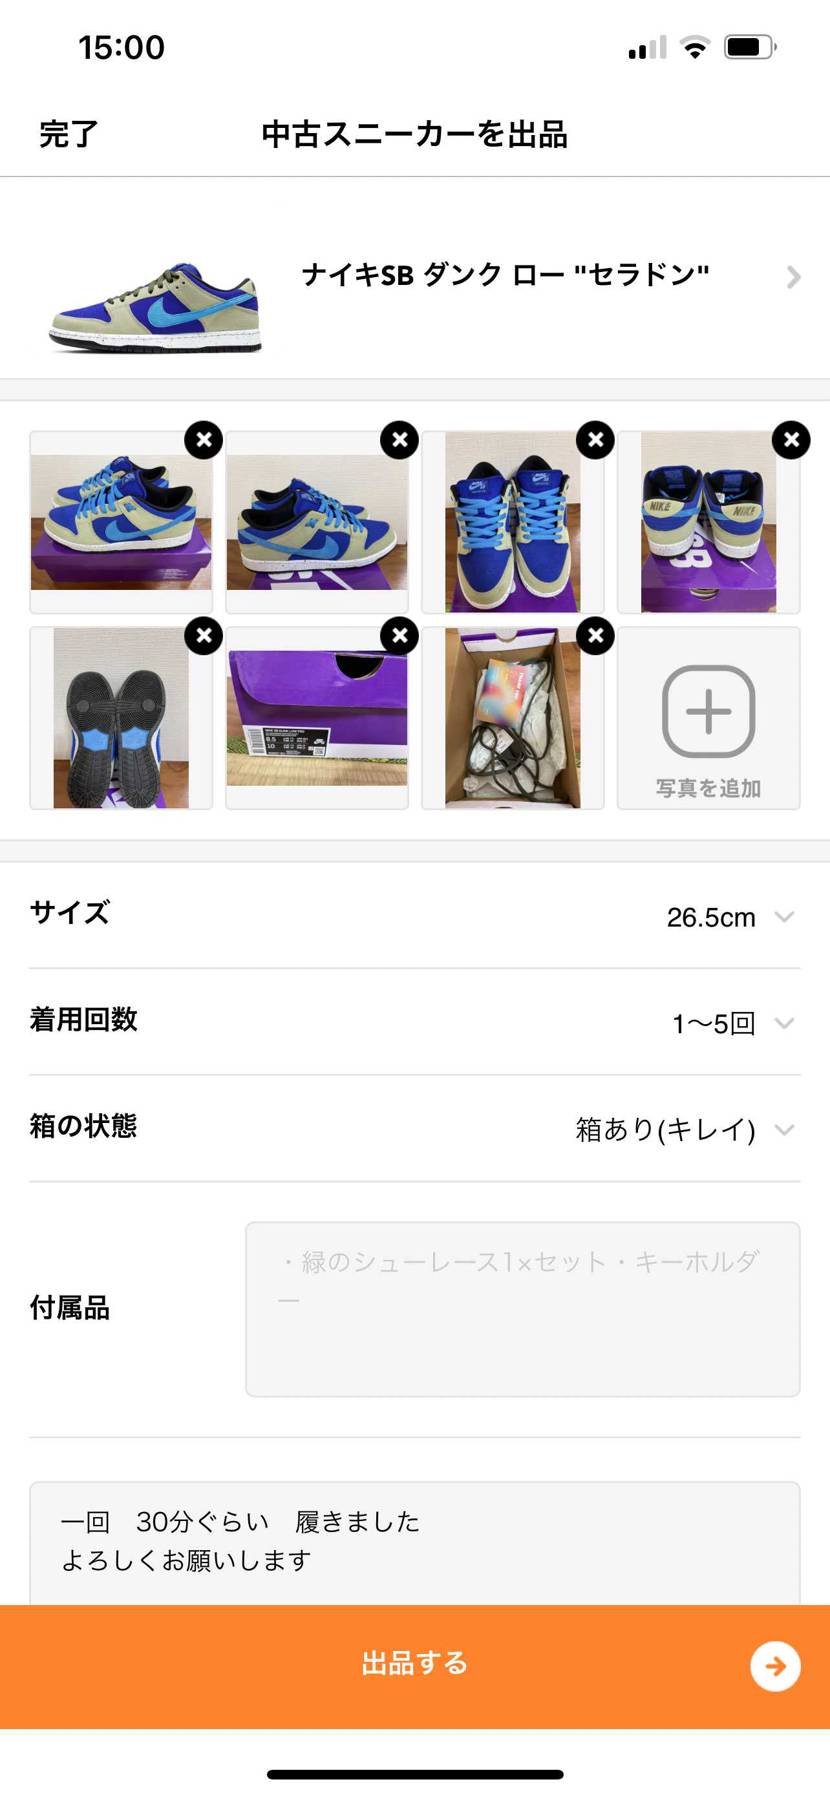 Size 26.5  20000円で 出荷しました よろしくお願いします